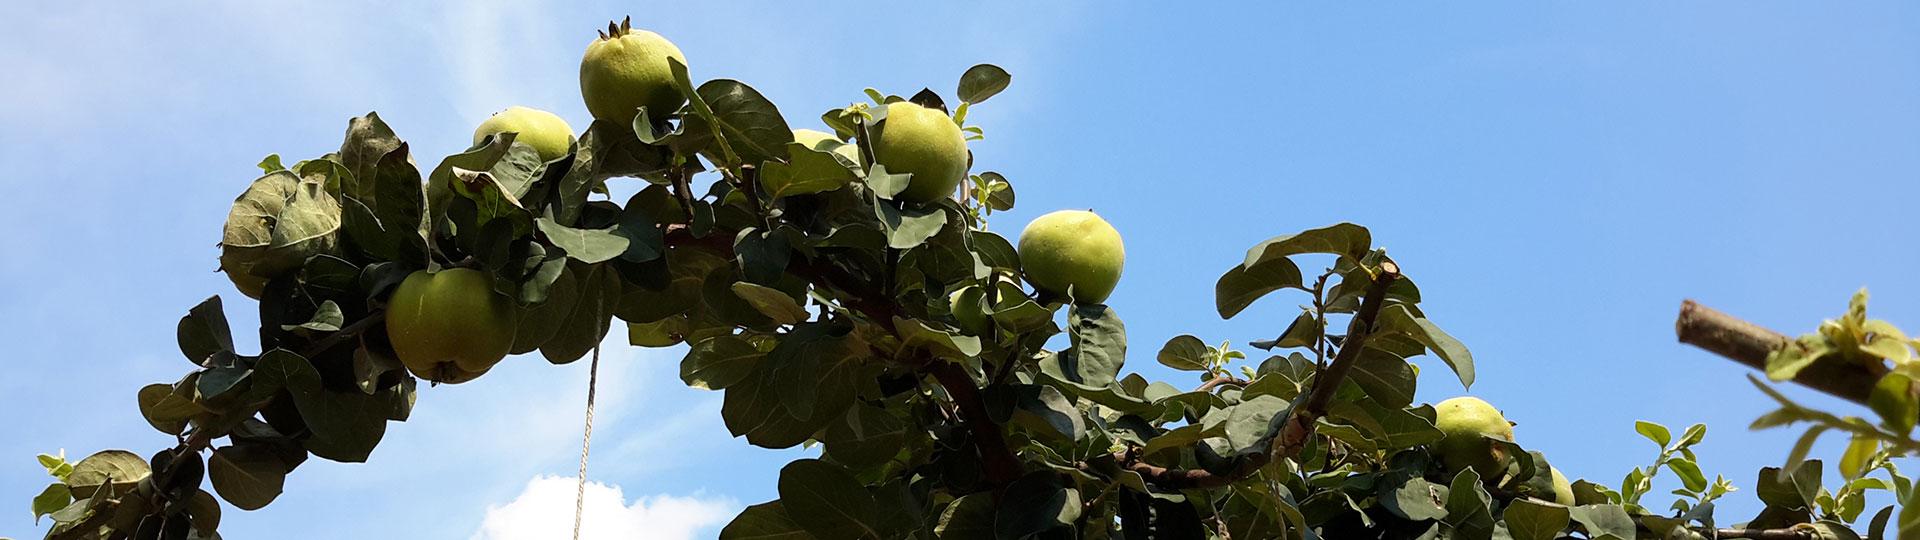 fruttuoso1